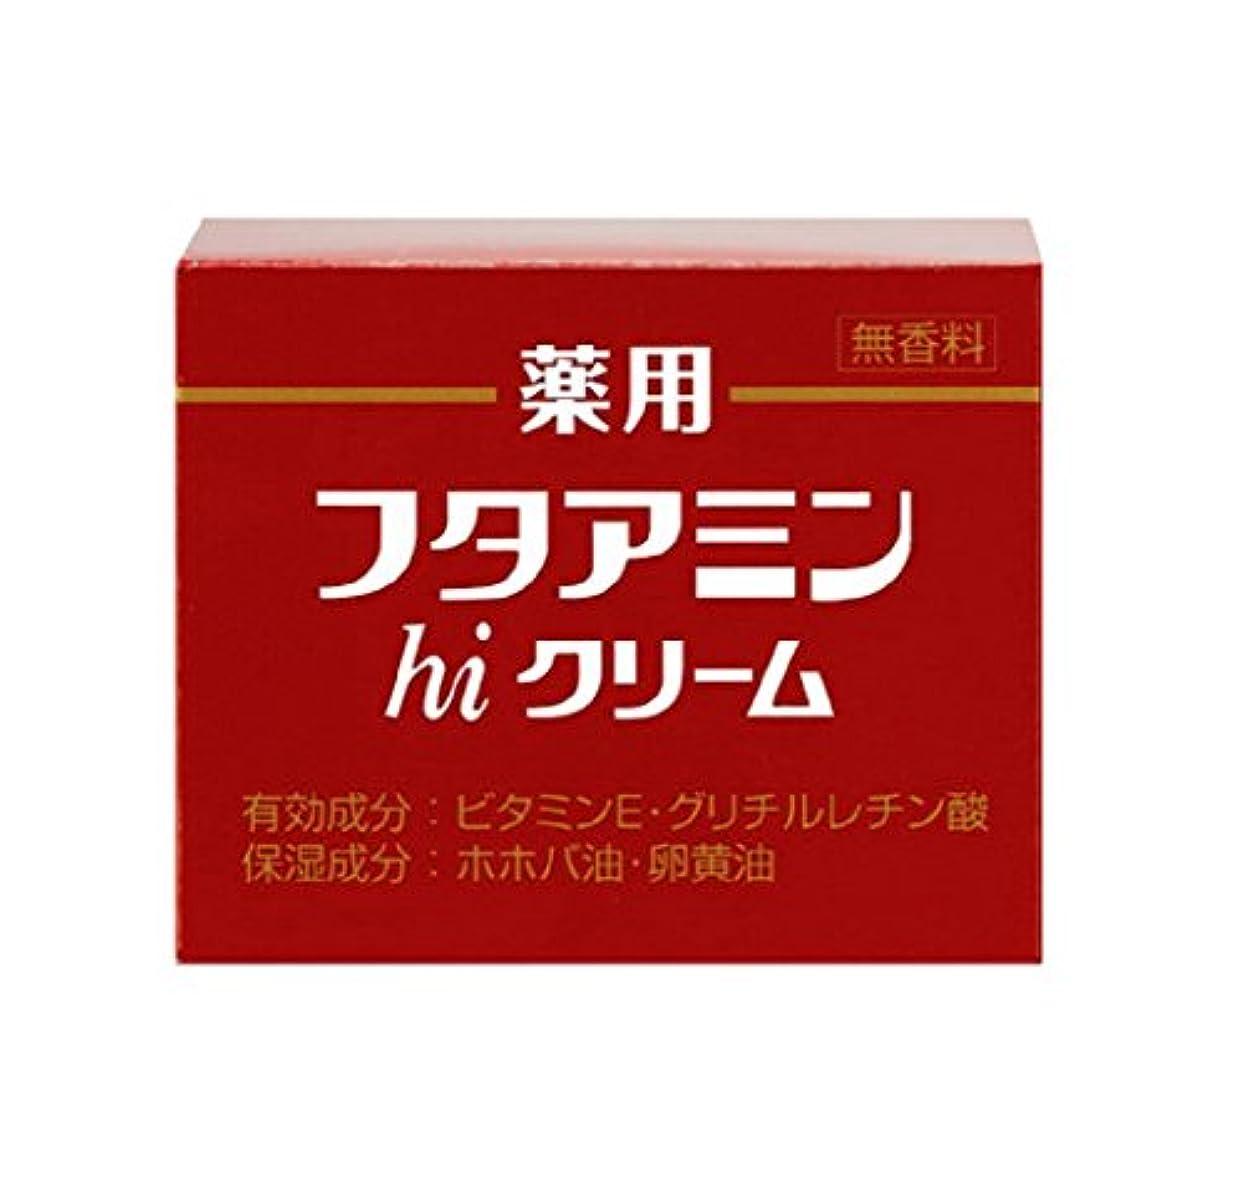 ミキサー暗黙植木薬用フタアミンhiクリーム 130g